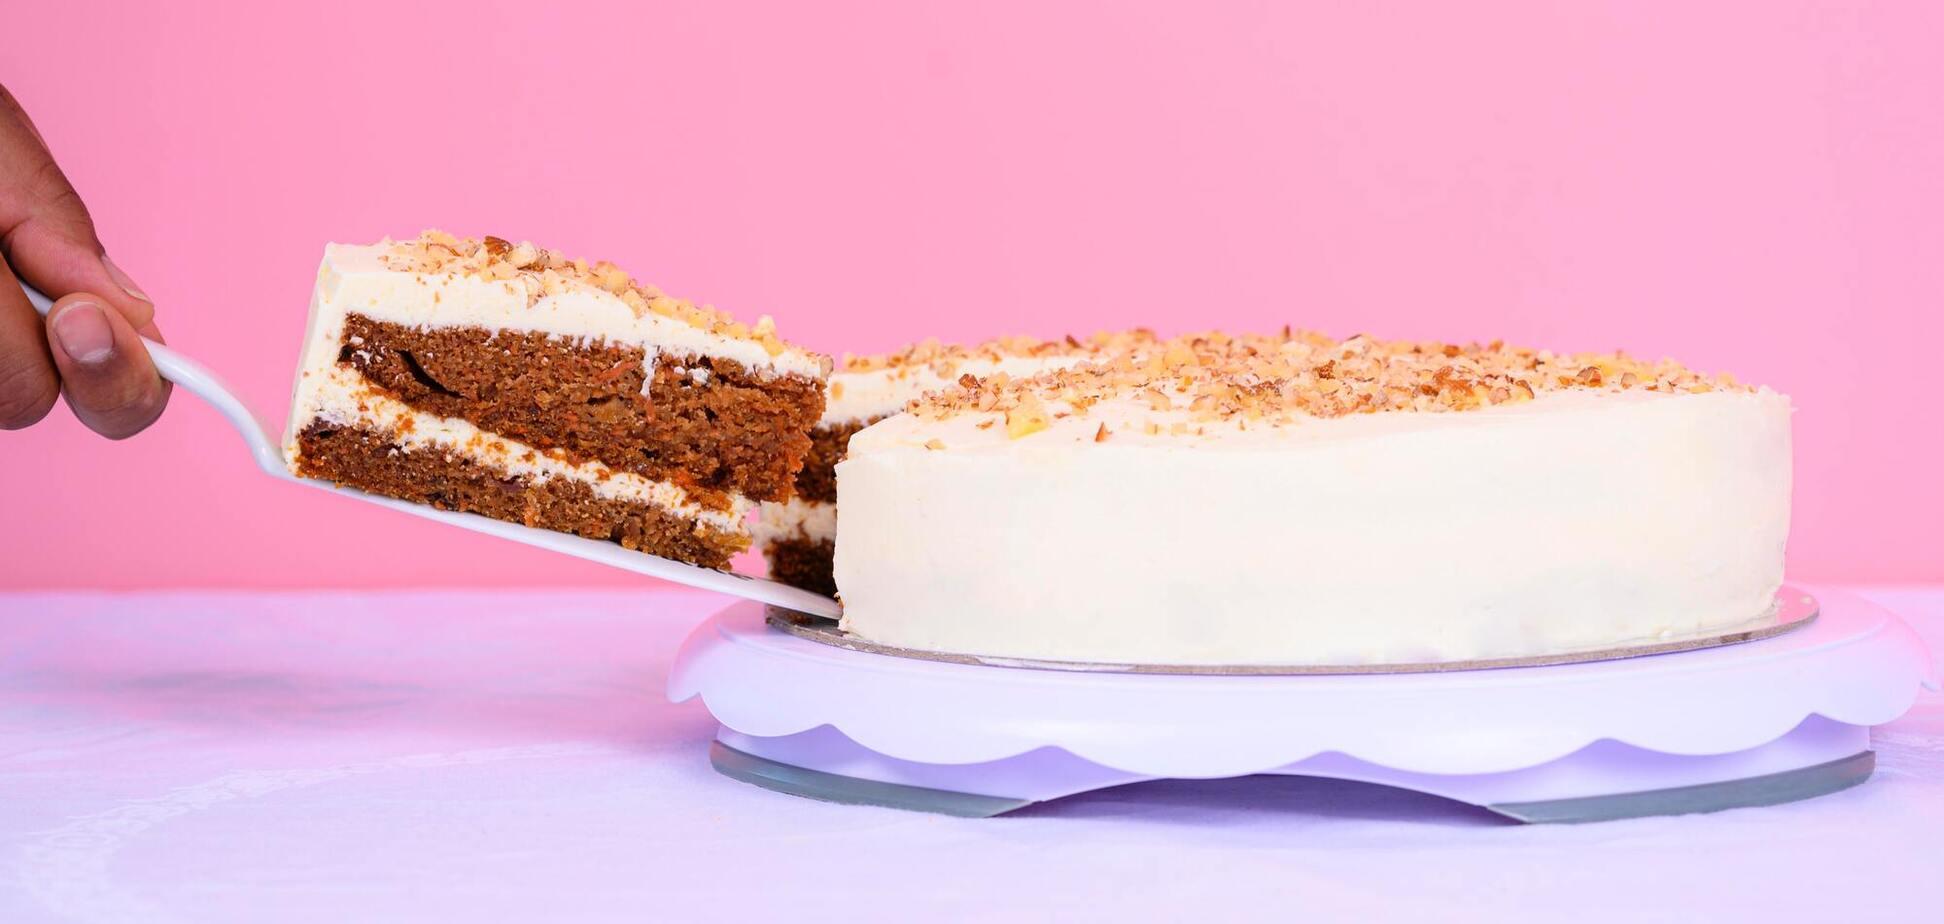 Щоб поділити торт, пропонується використовувати келихи